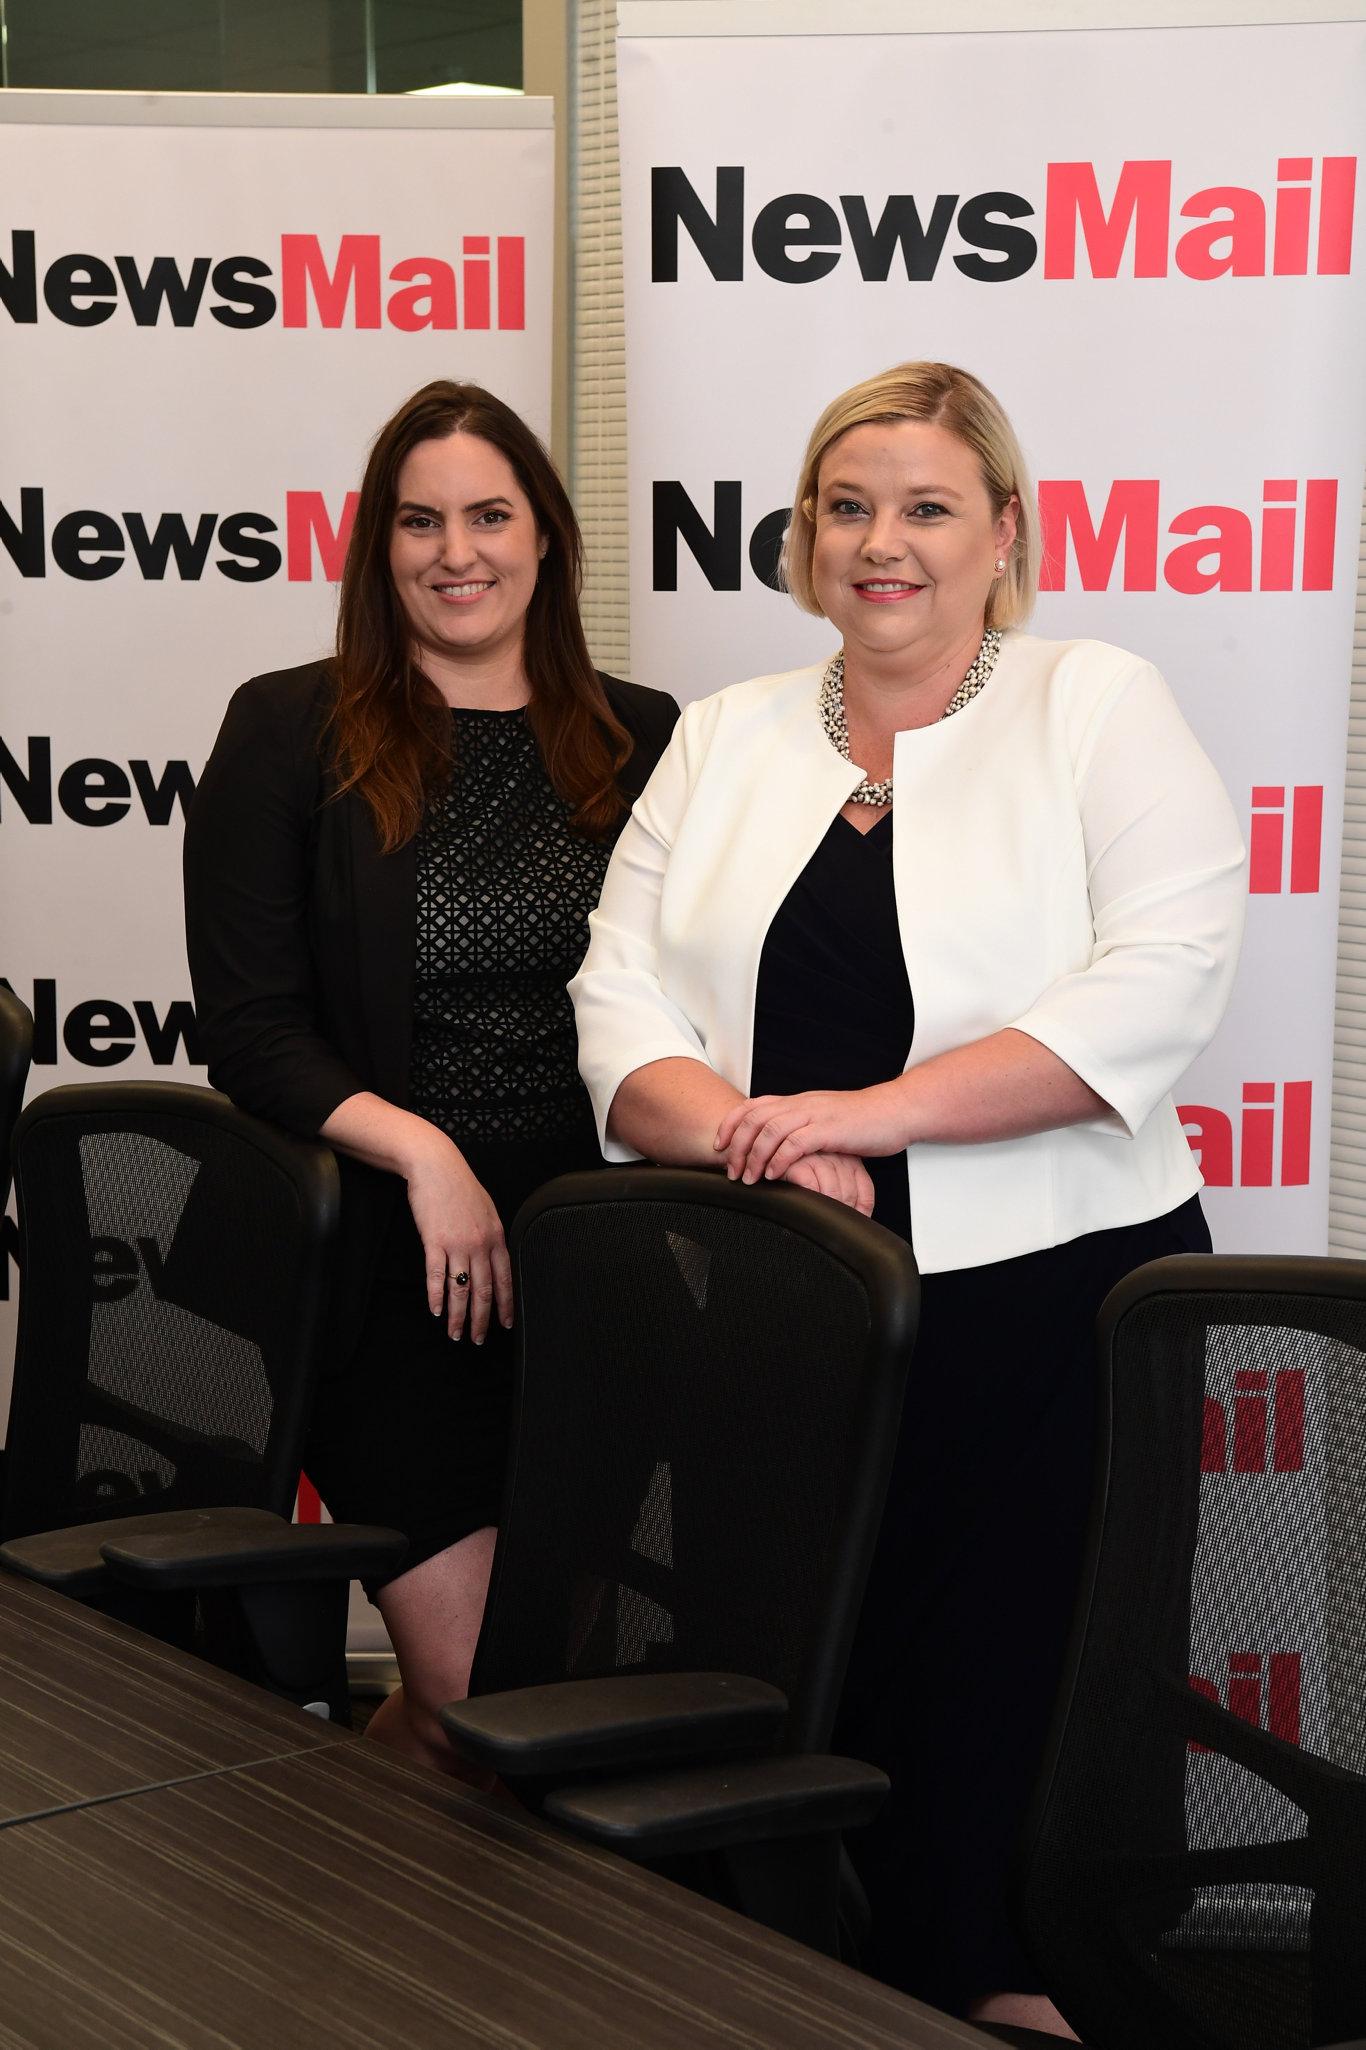 NewsMail editor Megan Sheehan and general manager Ingrid Barham.